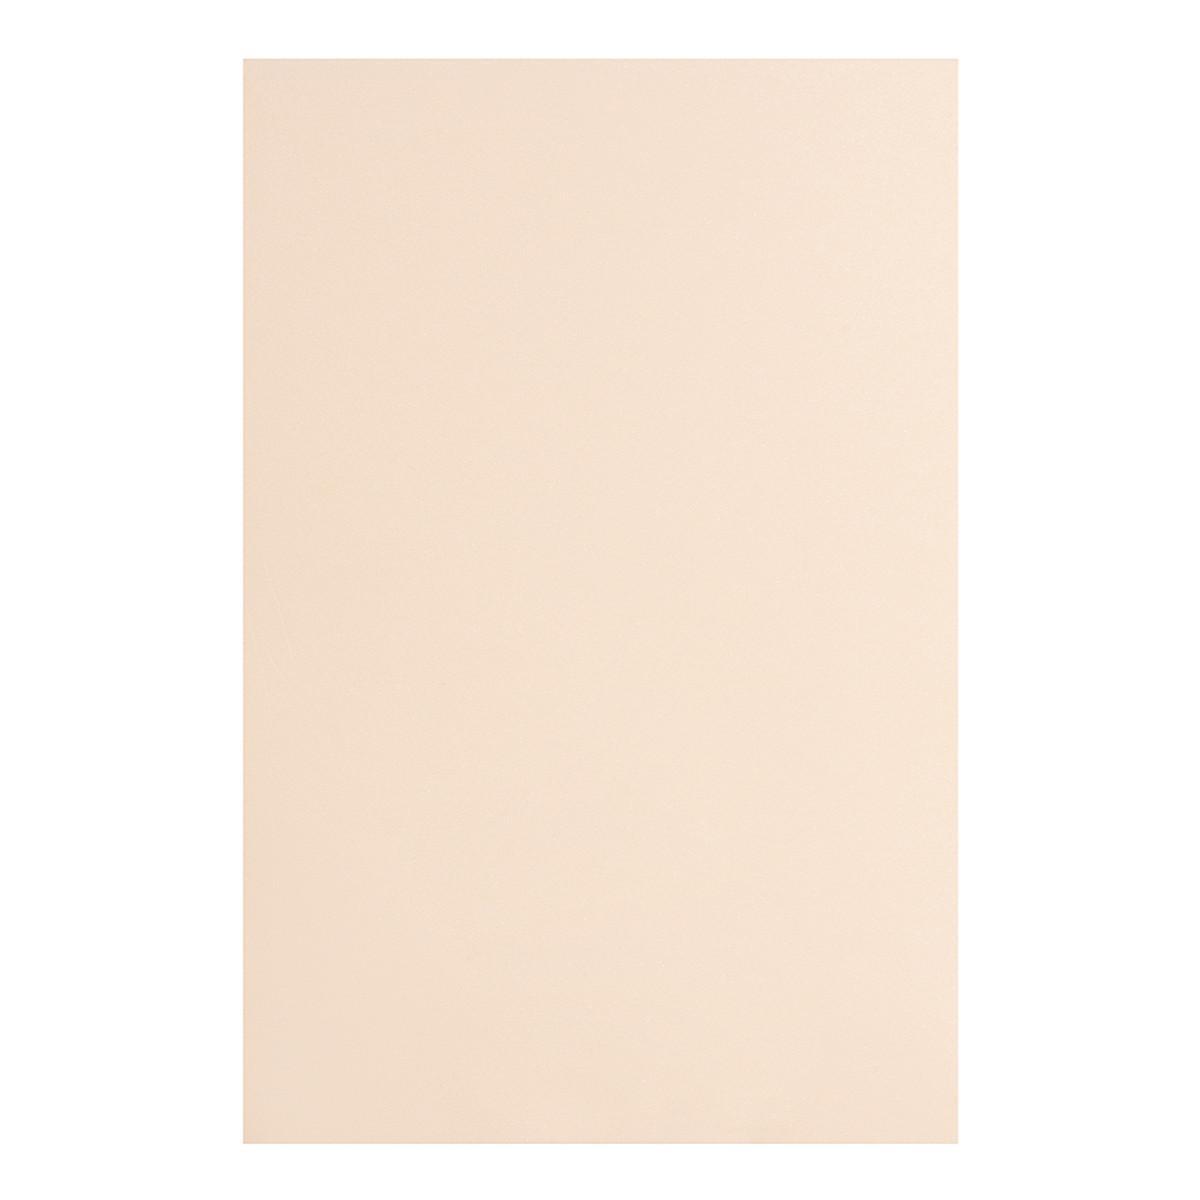 Фоамиран ЭВА айвори, 200*300 мм, толщина 1,7 мм, 10 листов